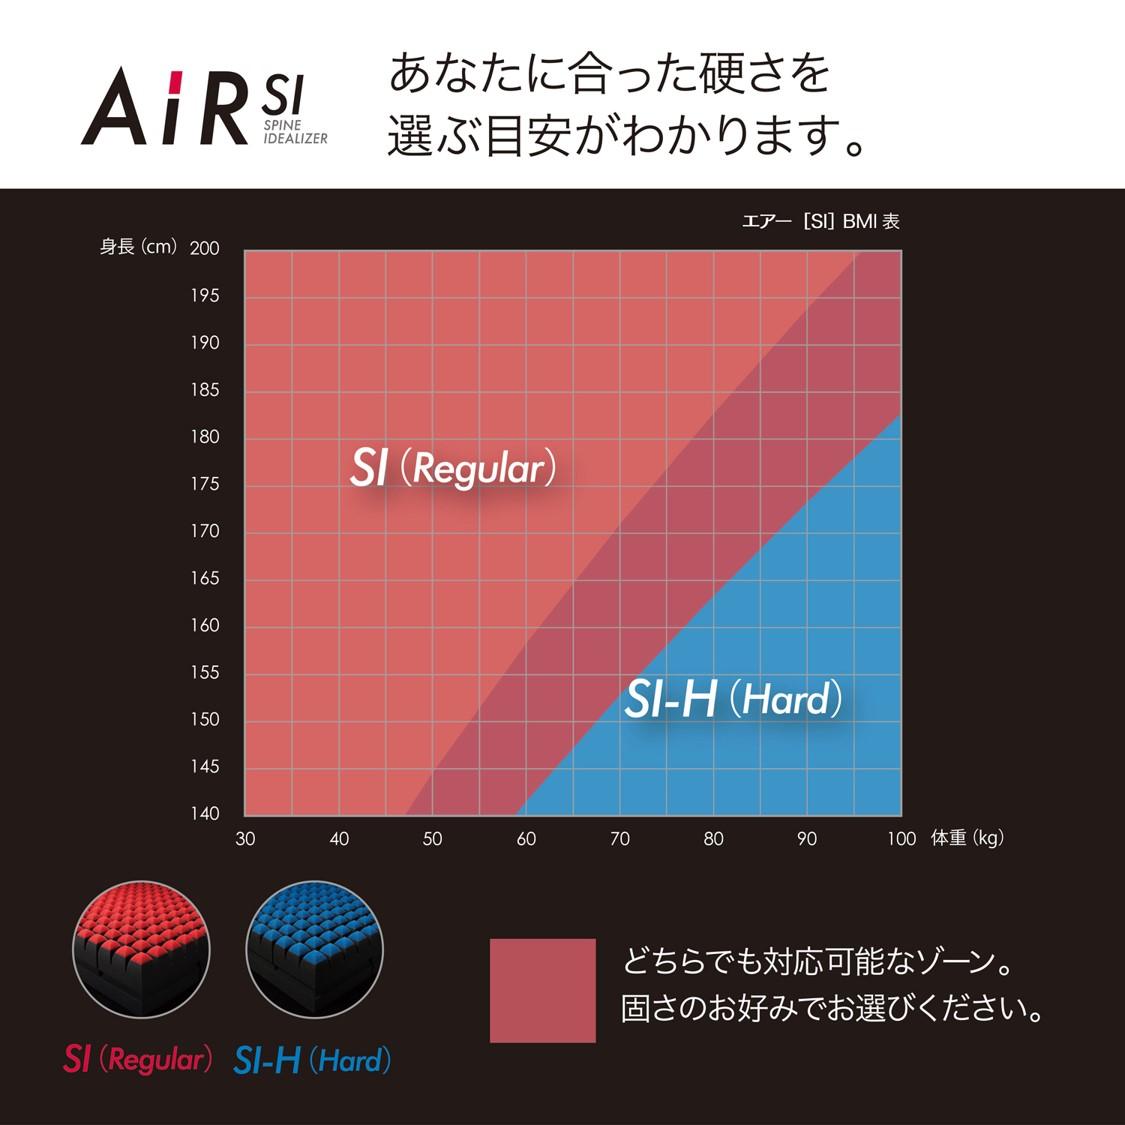 西川 AIR  SI(Regulor) エアーSIマットレス 硬さ レギュラー 【税込み価格】 ※サイズにより販売価格が異なります